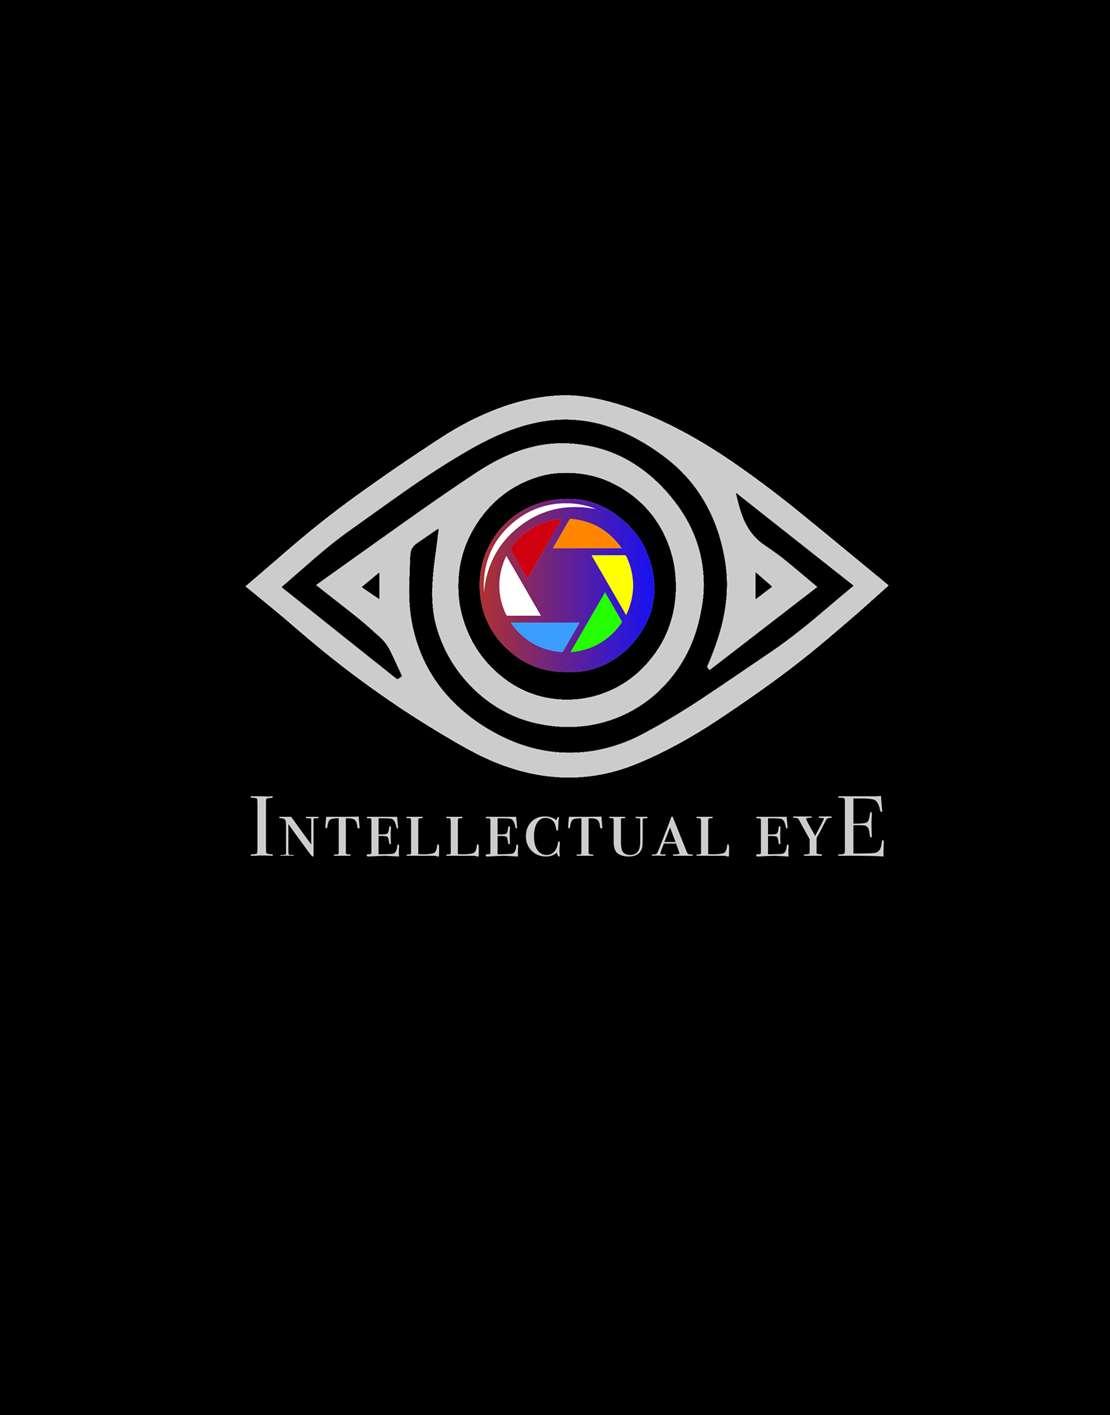 Intelectual Eye